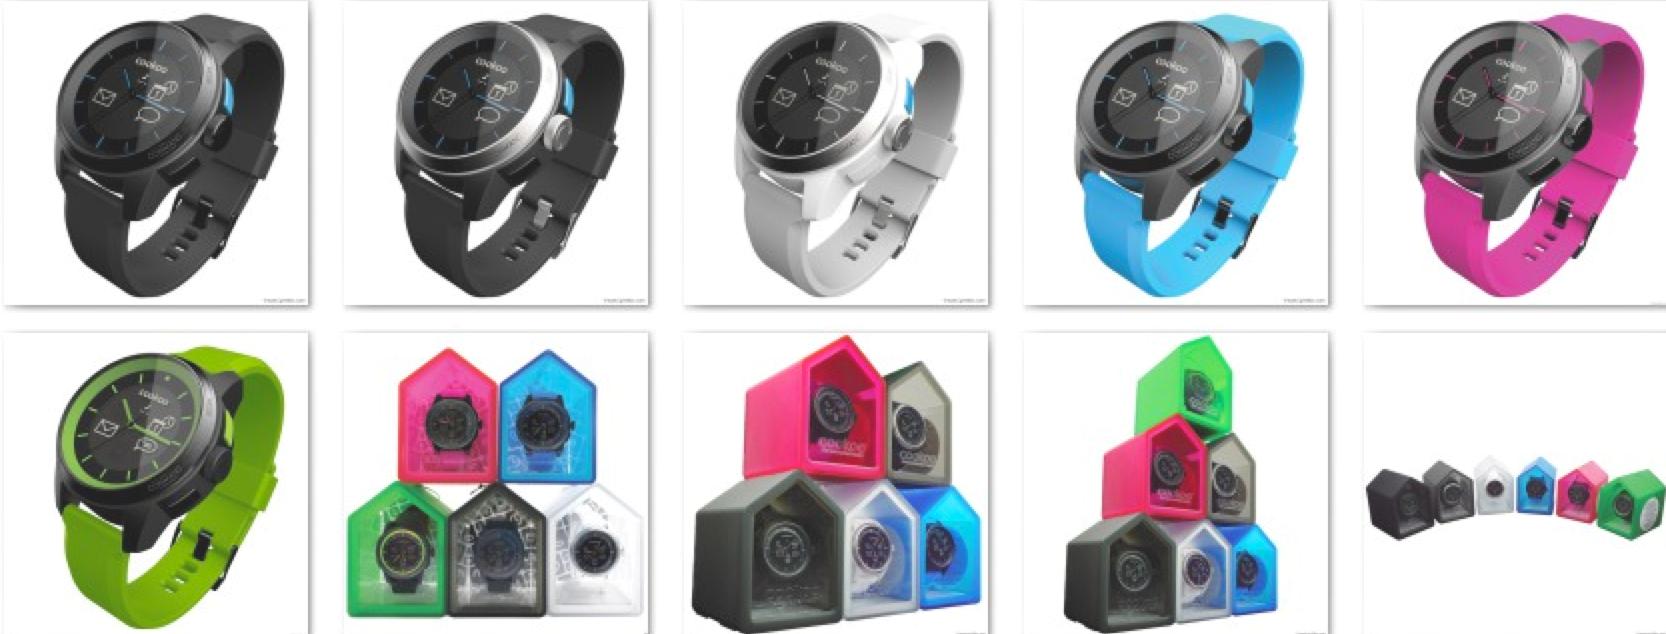 COOKOO-Watch, die Uhr die dein Smartphone vollständig macht – Testbericht COOKOO-Watch